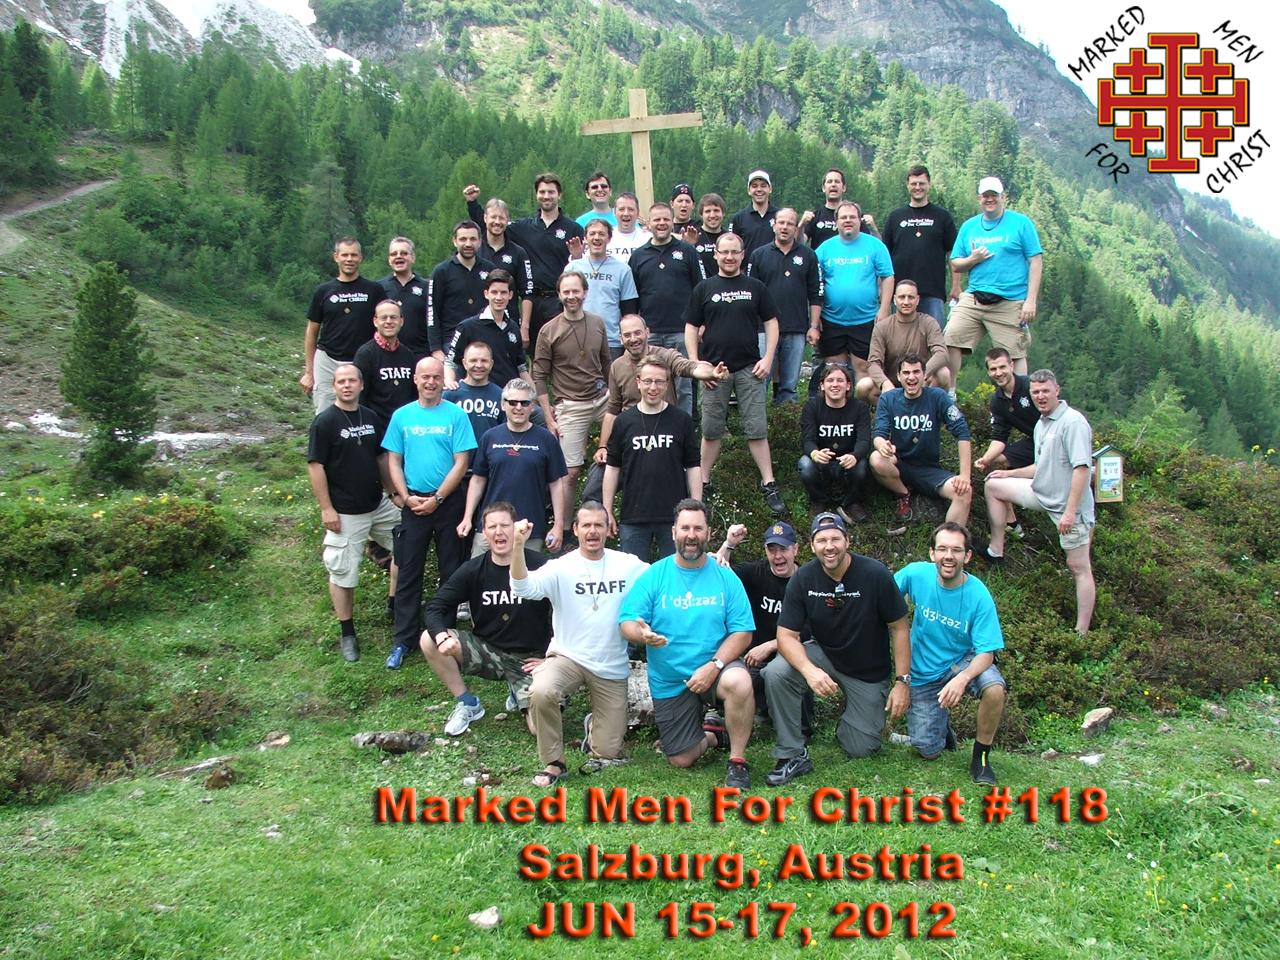 2012-06-JUN-Austria-Staff.78204120-5a3d-4744-966c-da73167b92f9